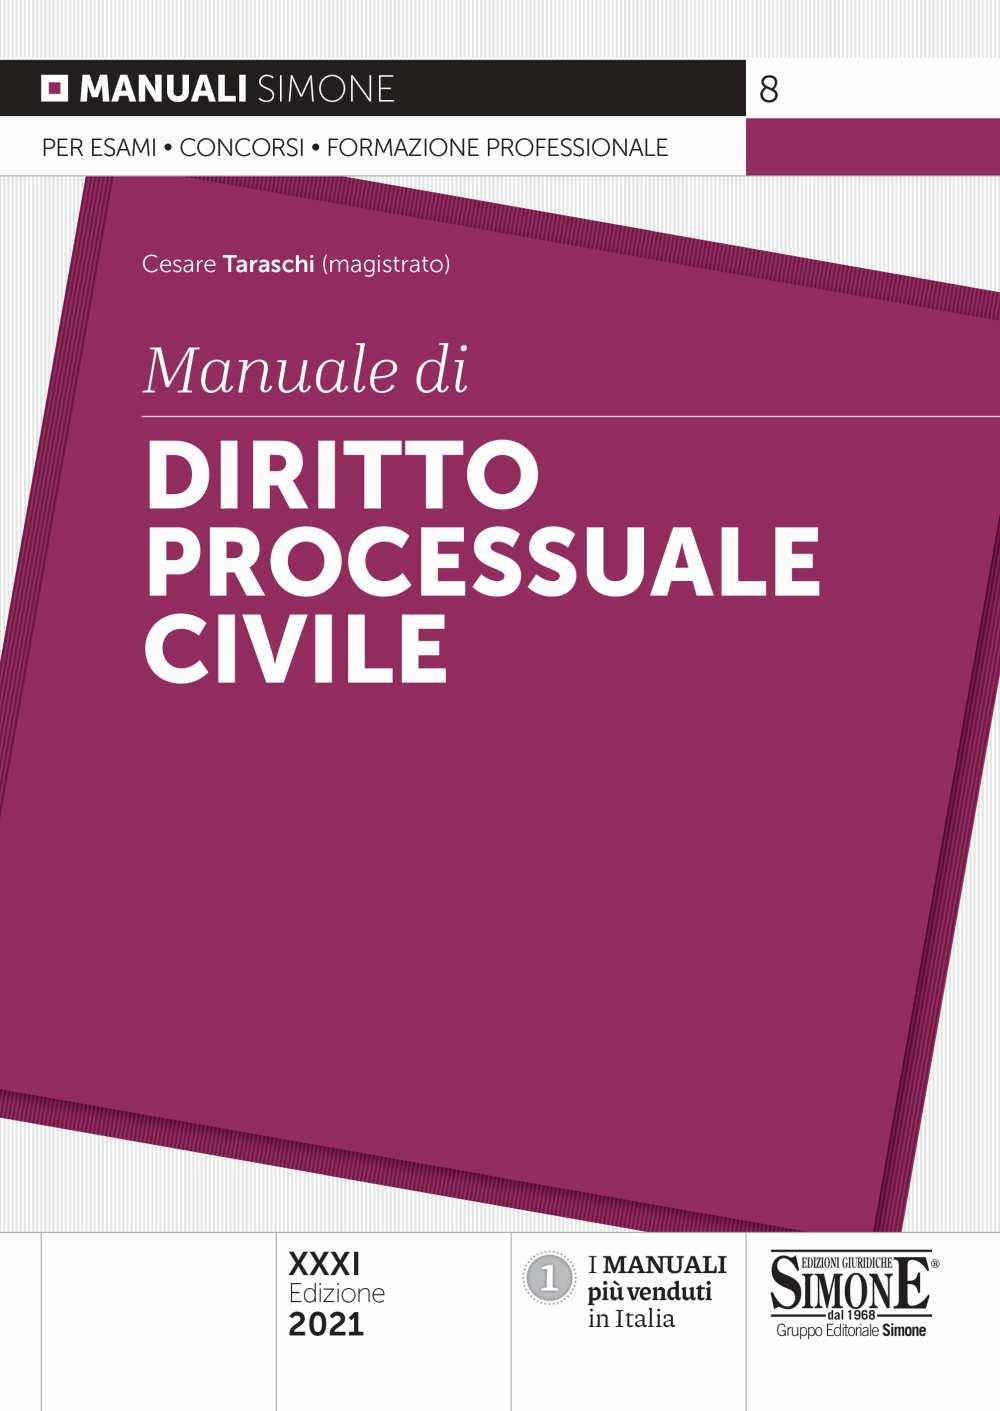 Manuale di Diritto Processuale Civile